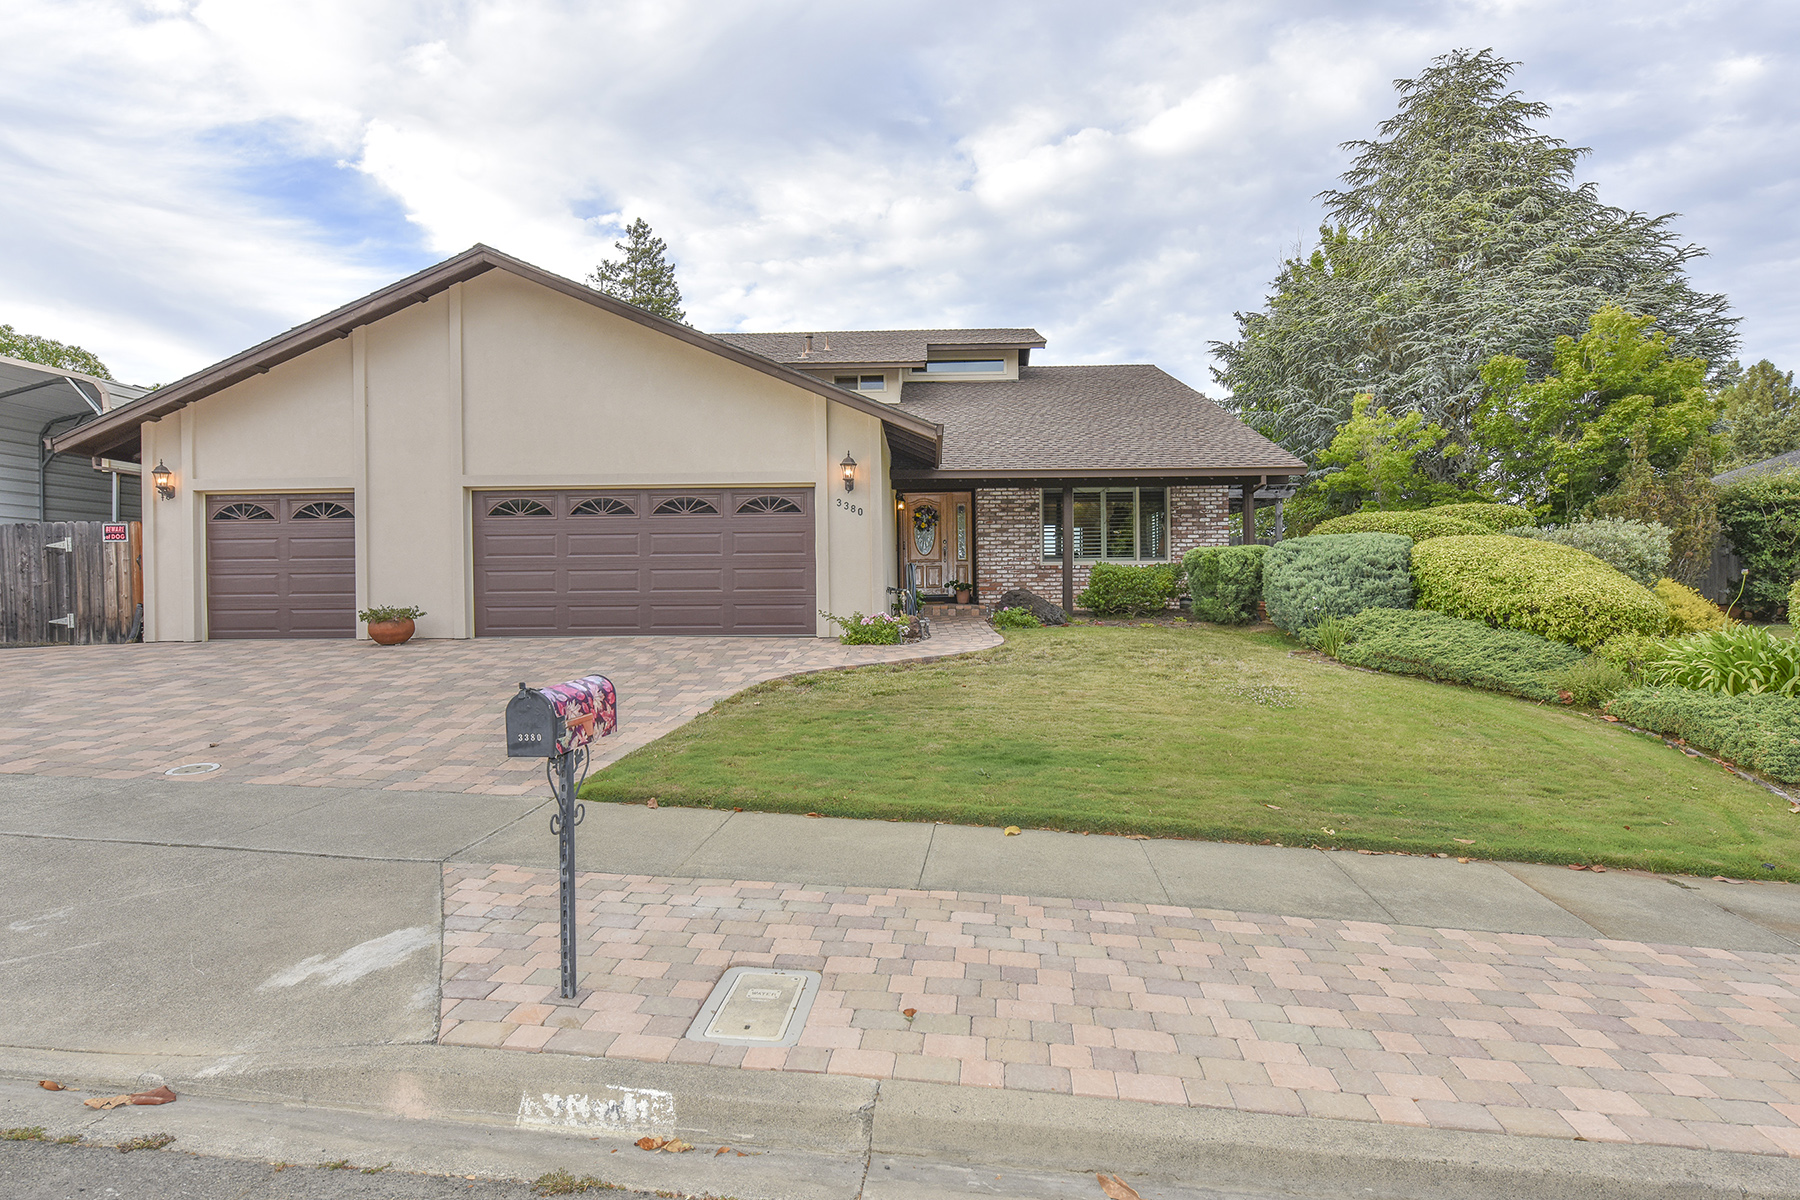 단독 가정 주택 용 매매 에 3380 Crestview Way, Napa, CA 94558 3380 Crestview Way Napa, 캘리포니아, 94558 미국